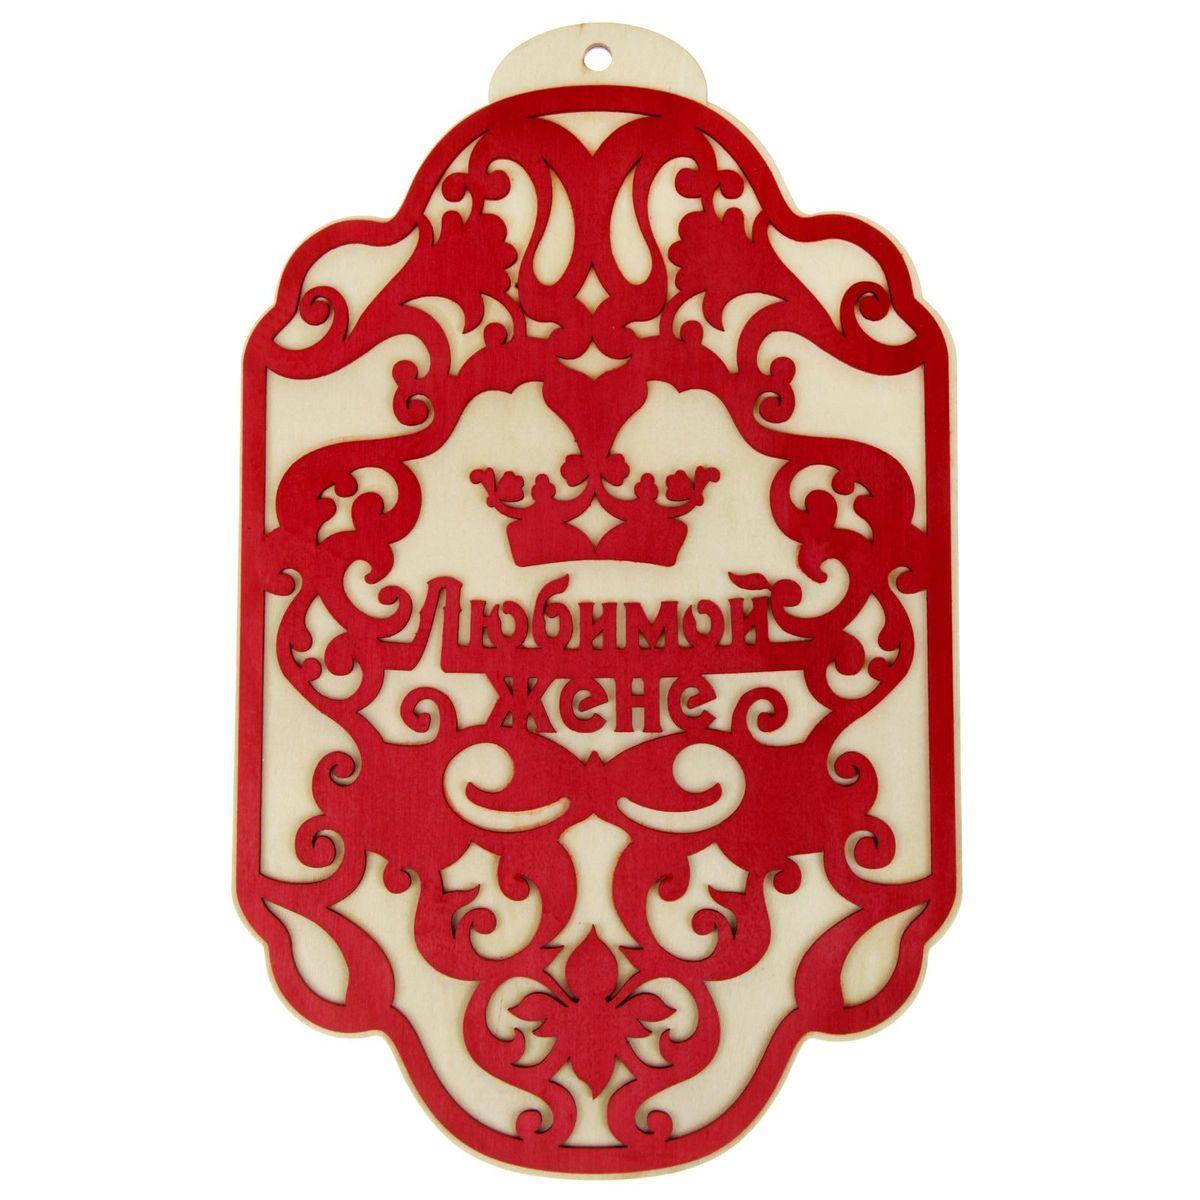 Доска разделочная Sima-land Любимой жене, 20 х 32 см115510Разделочная доска Sima-land Любимой жене - это один из самых необходимых предметов на кухне, без нее трудно обойтись при приготовлении пищи. Но кроме своей необходимости, она может приносить и эстетическое удовольствие, украшая собой интерьер кухни. Двухслойная доска из дерева - приятный и функциональный подарок для тех, кто любит готовить.